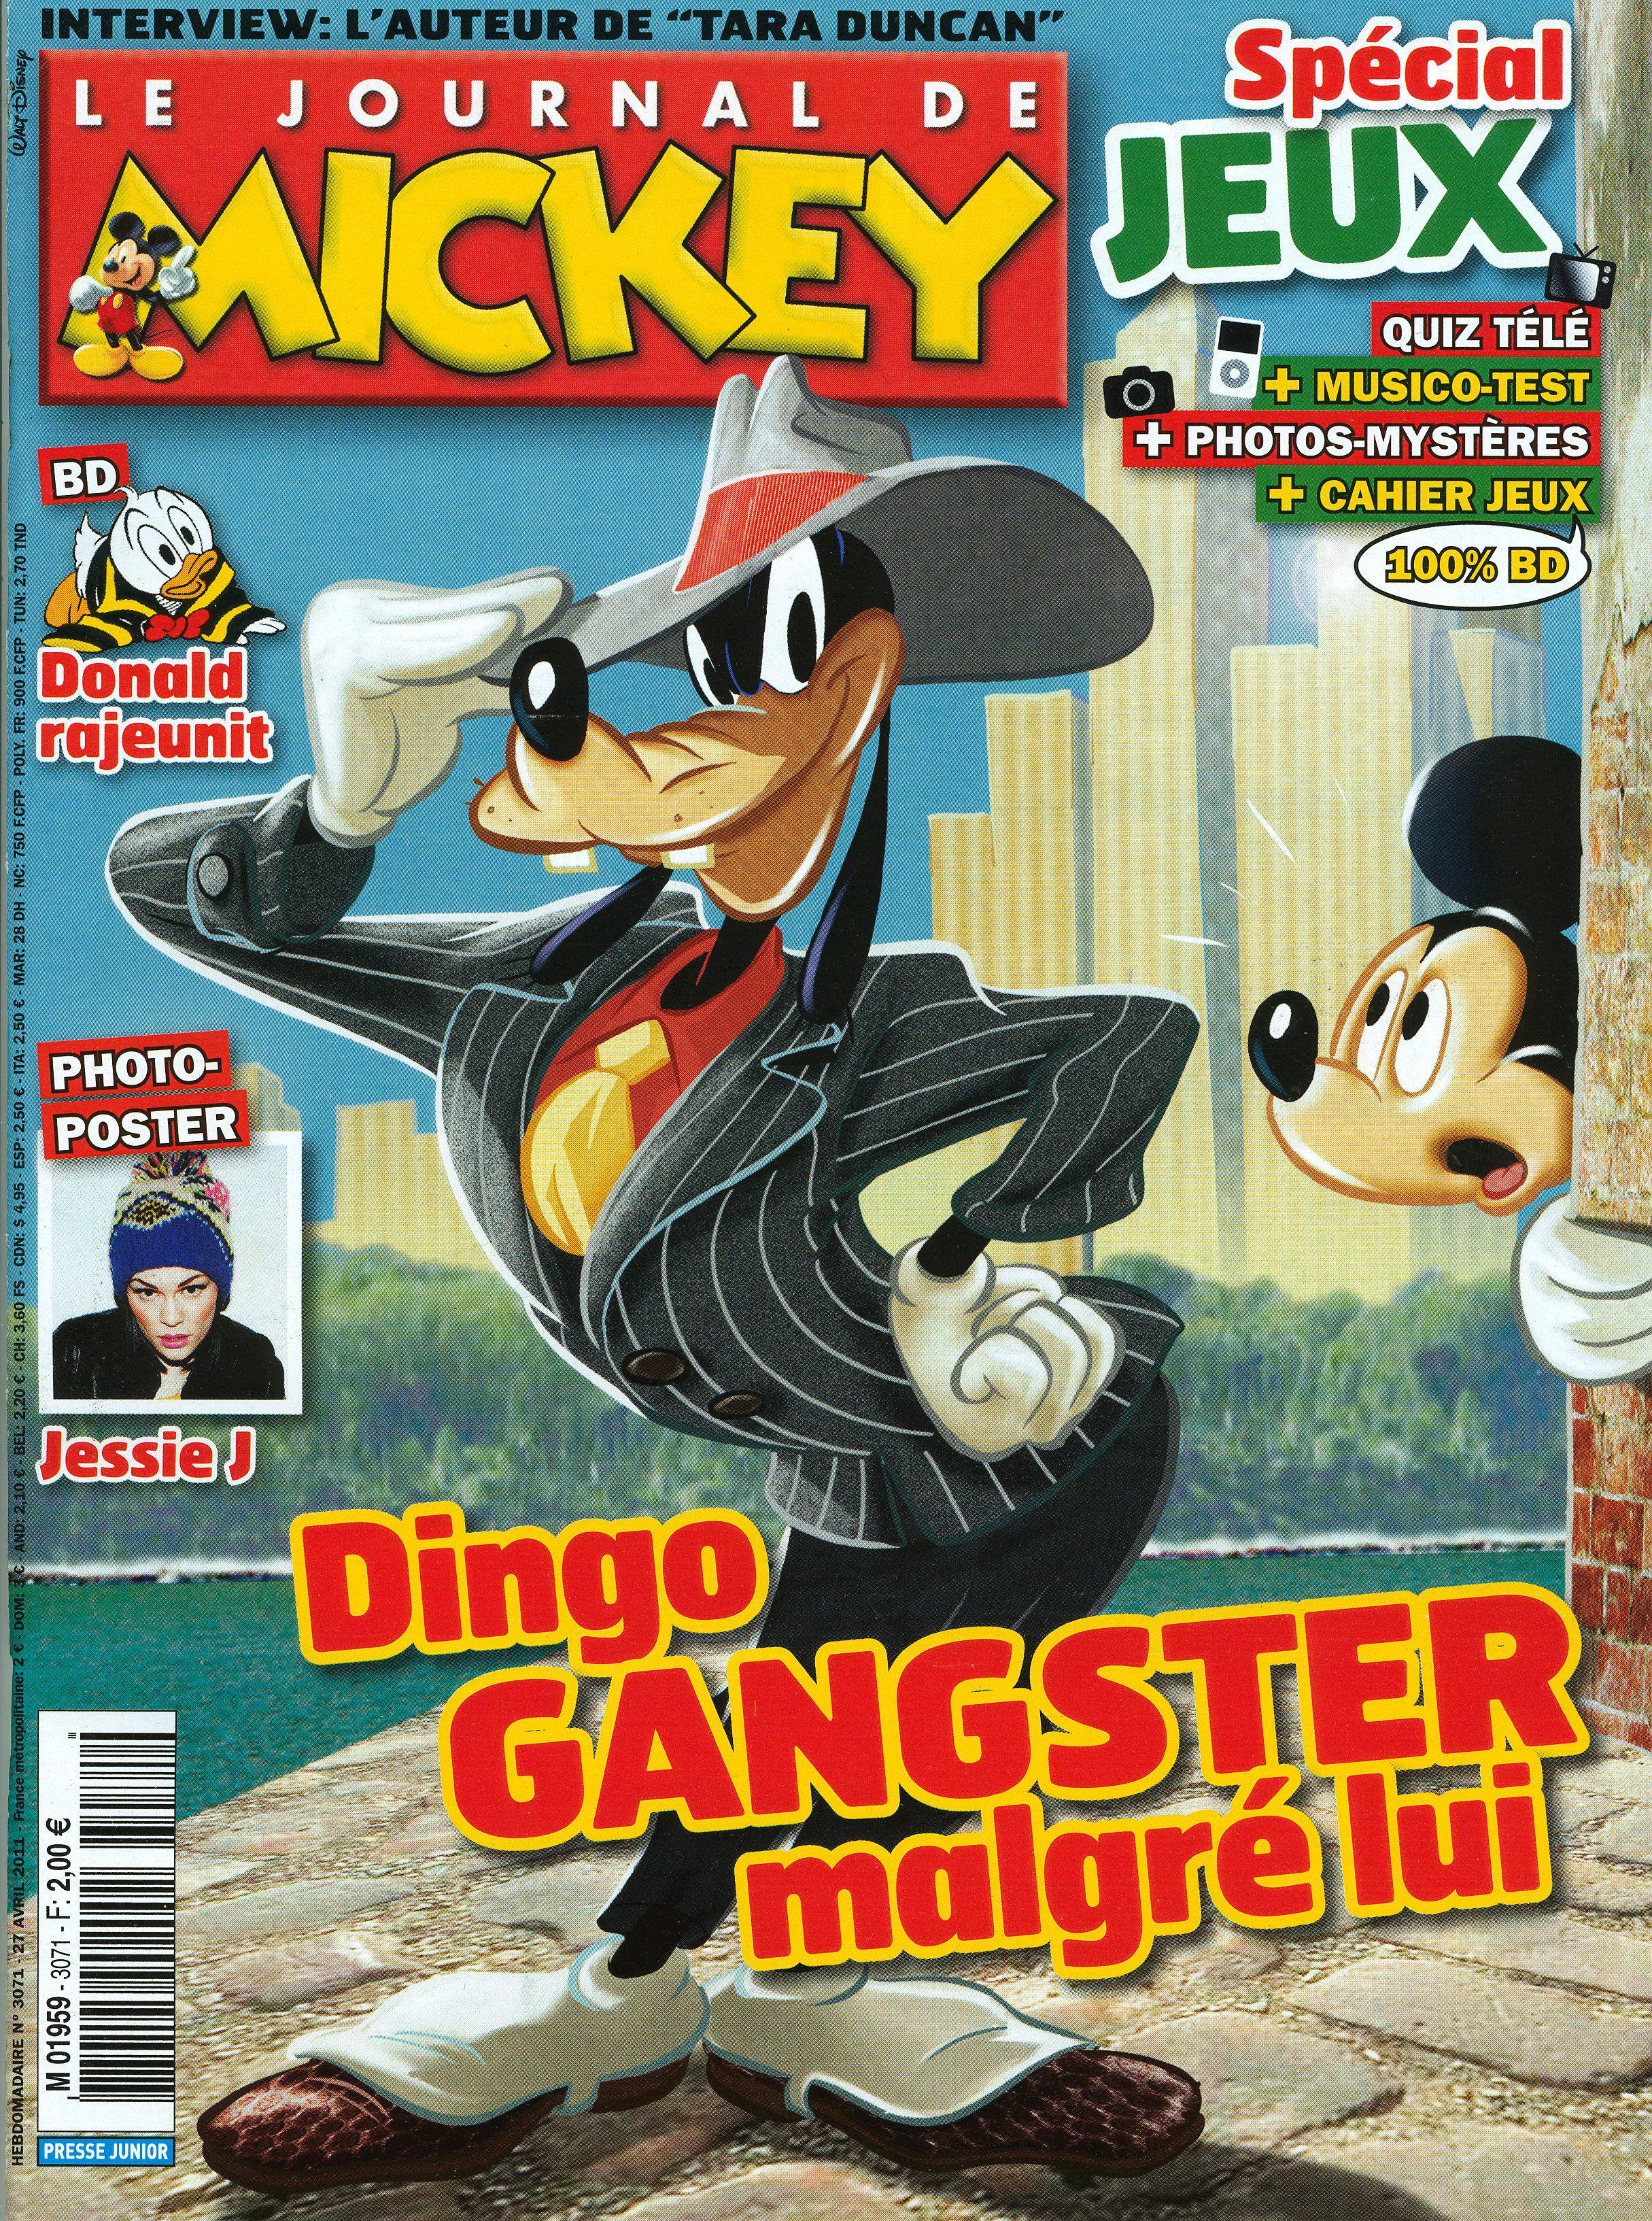 Les secrets de Dingo